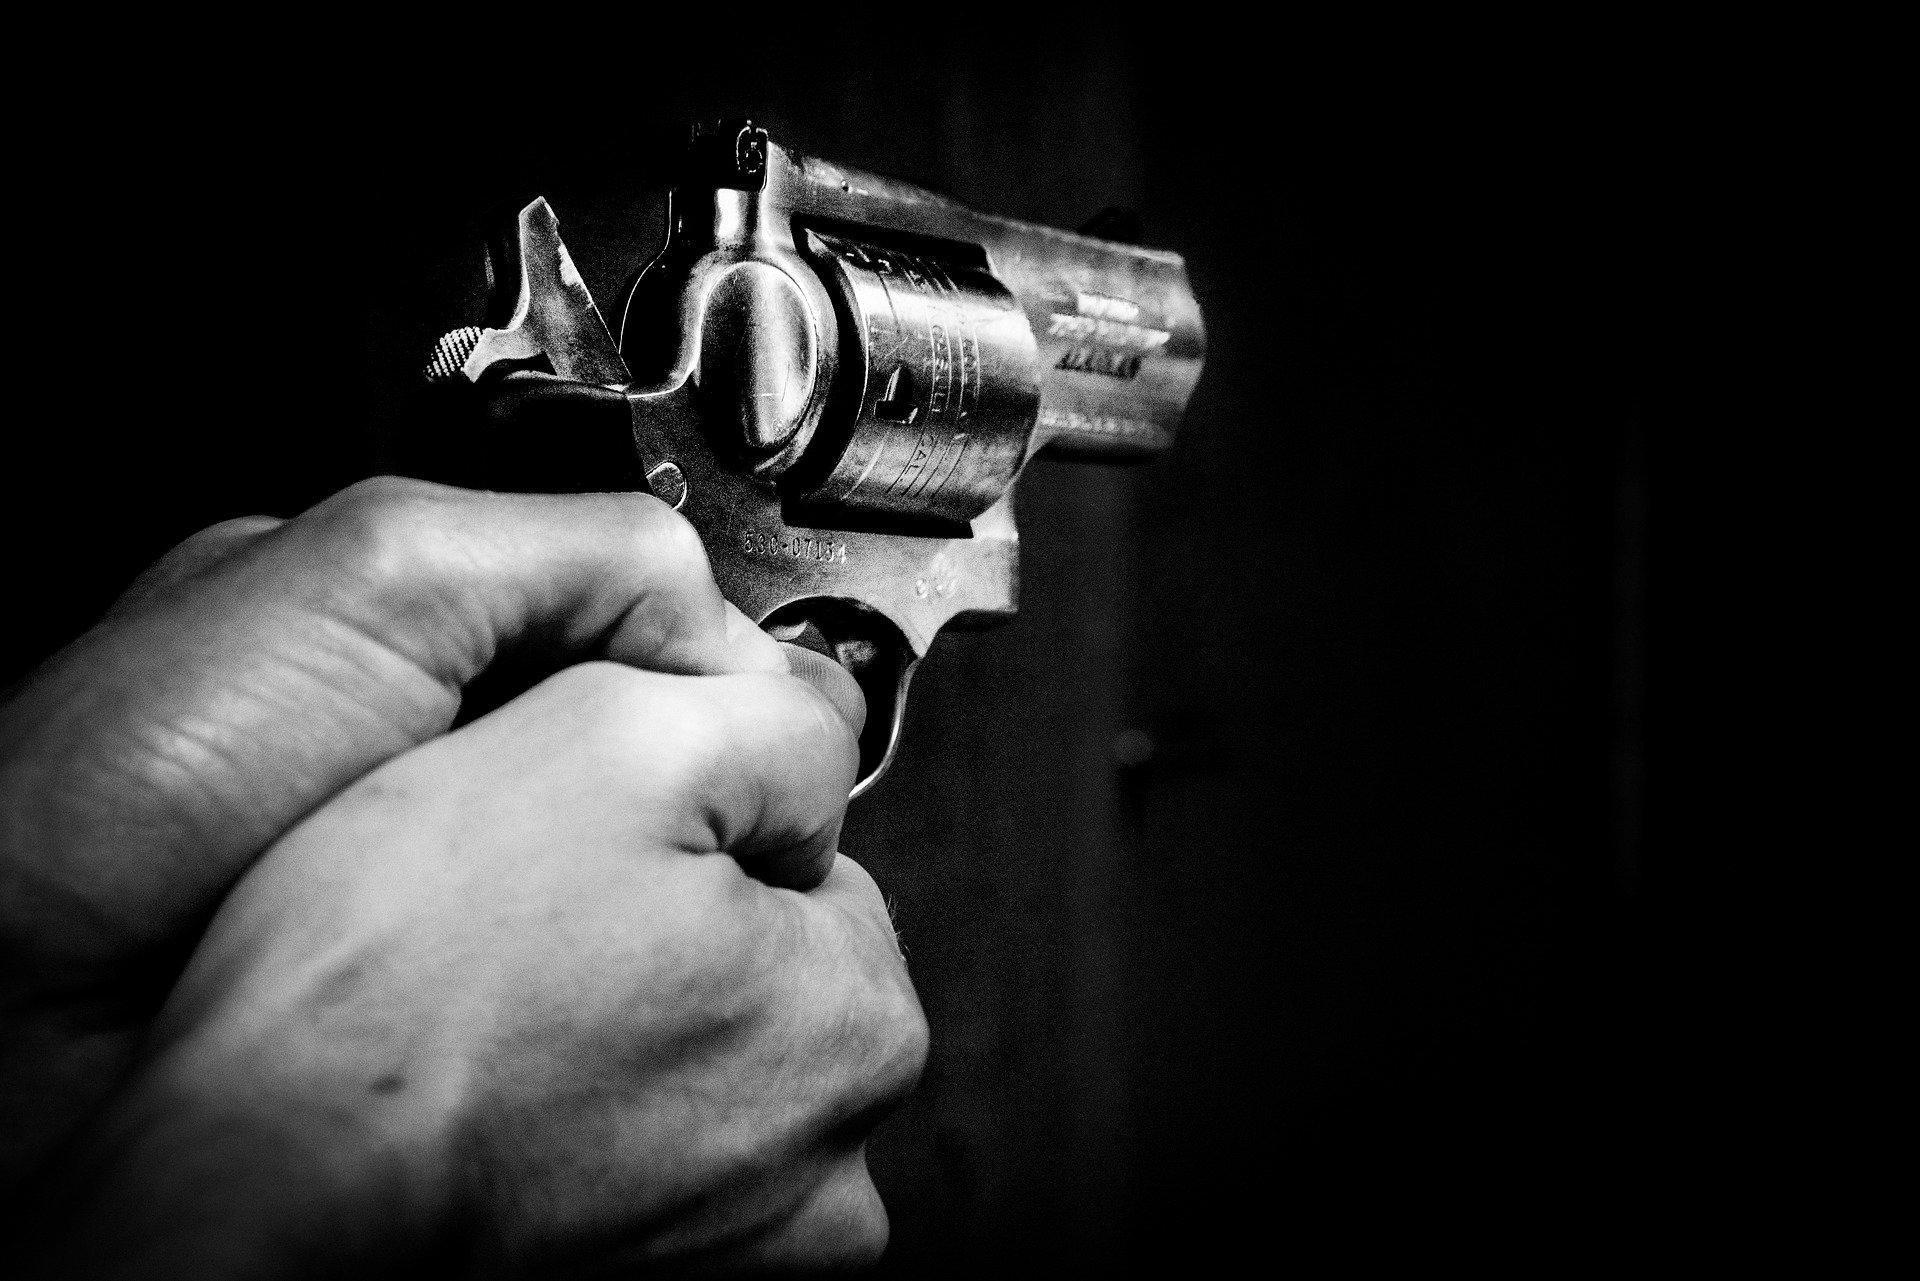 APENAS 2% DAS INVESTIGAÇÕES DE LETALIDADE POLICIAL VIRAM INQUÉRITOS NO BRASIL